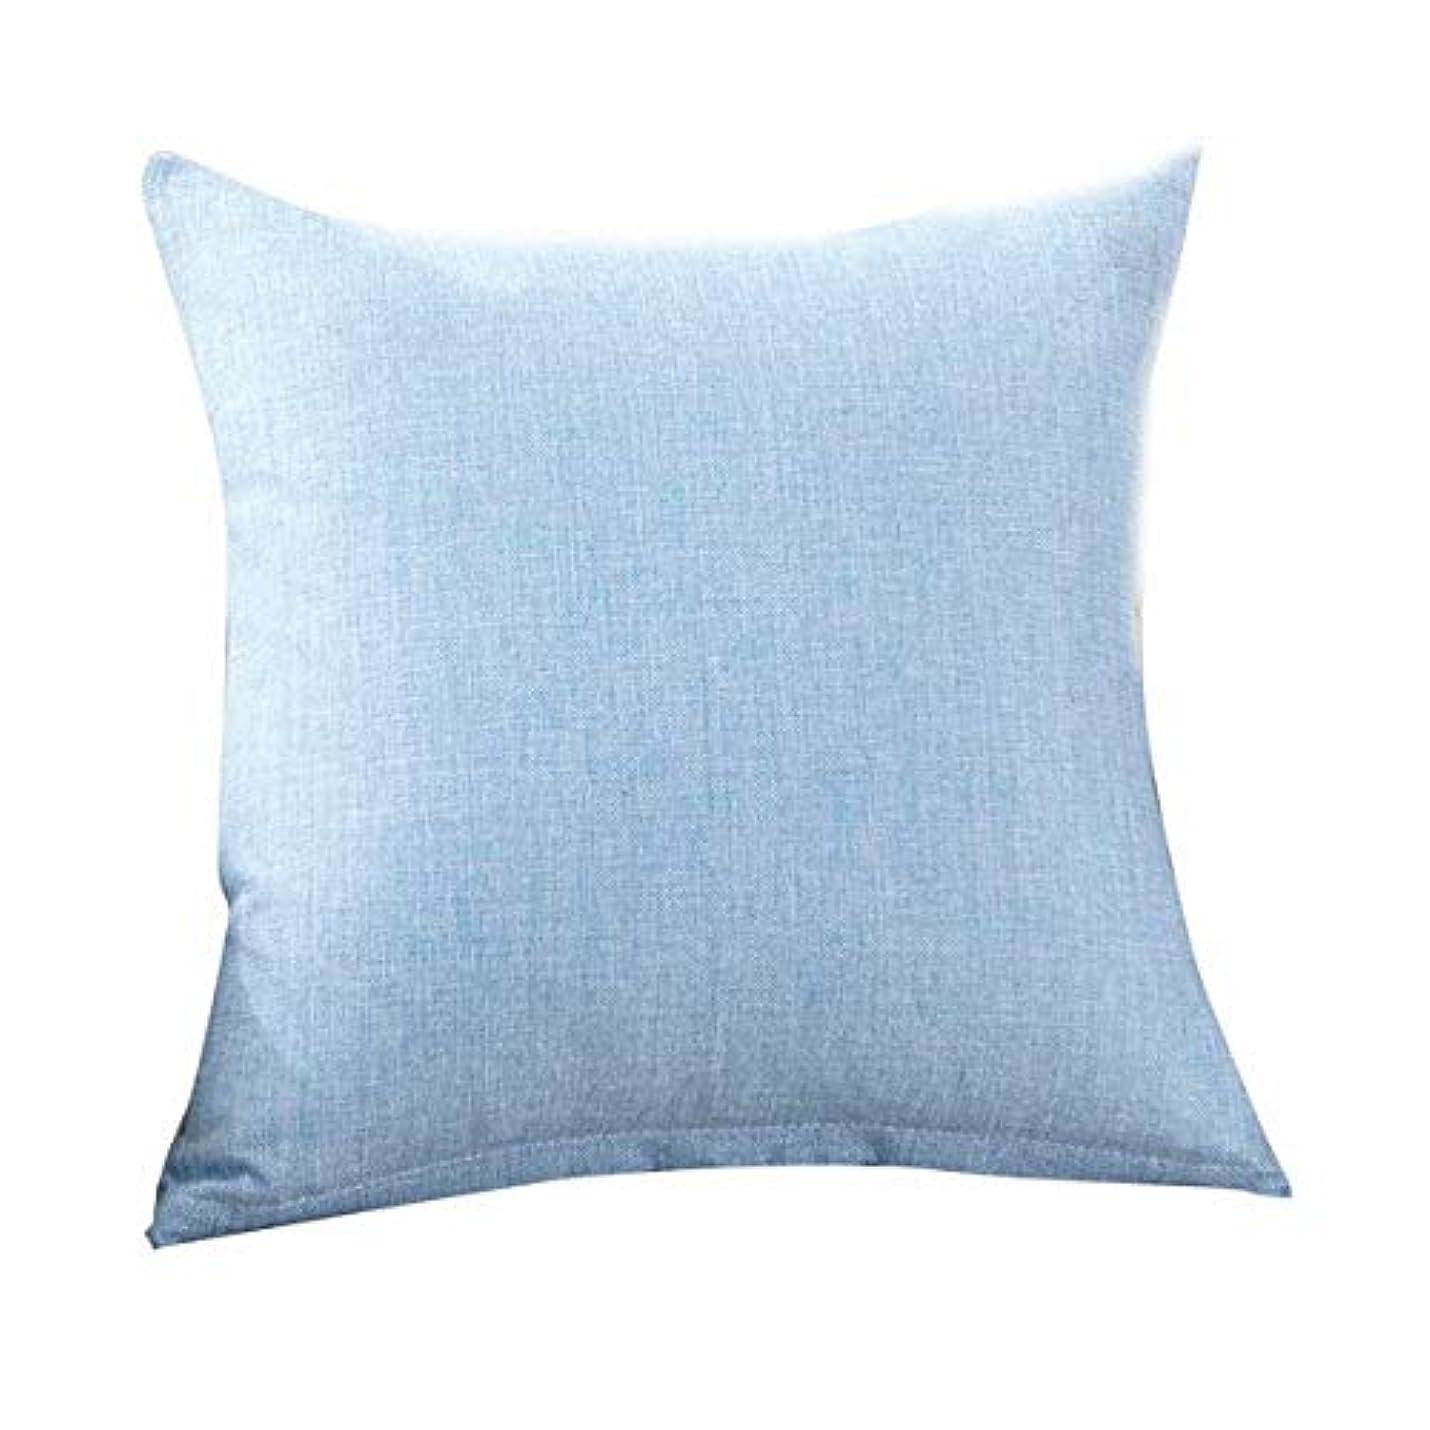 湿気の多いフルート現在LIFE クリエイティブシンプルなファッションスロー枕クッションカフェソファクッションのホームインテリア z0403# G20 クッション 椅子